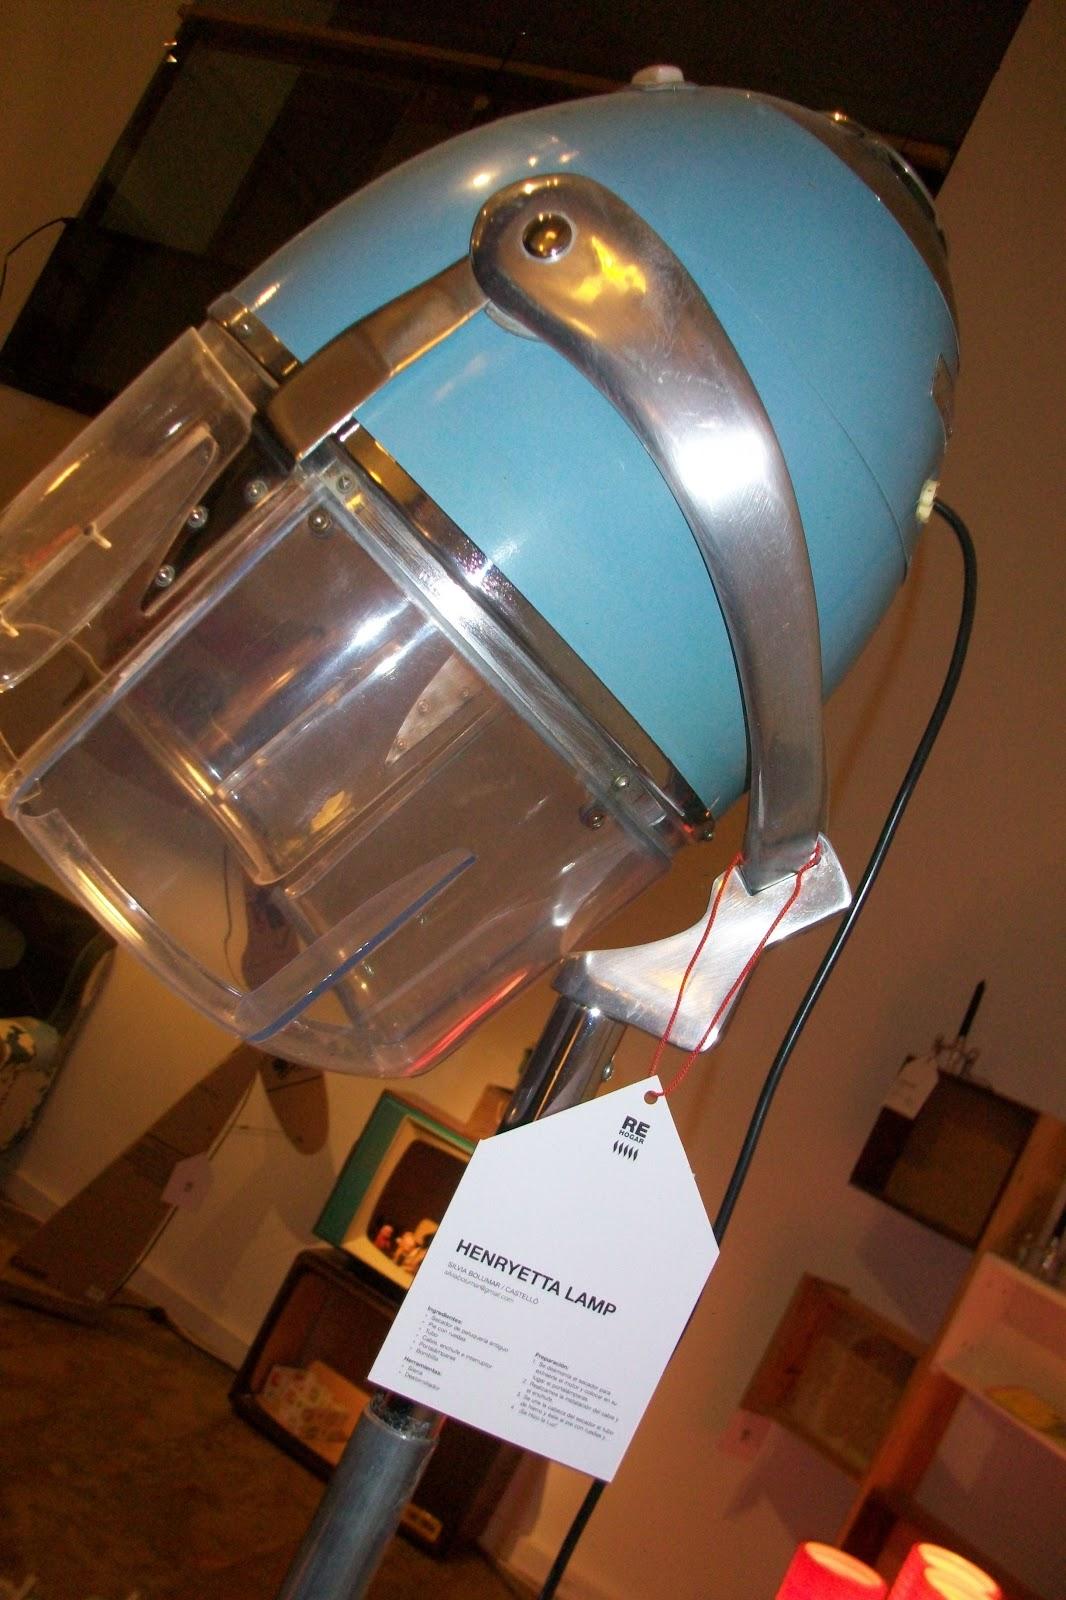 Dise a tu hogar re hogar 2012 otra forma de ver el - Disena tu hogar ...